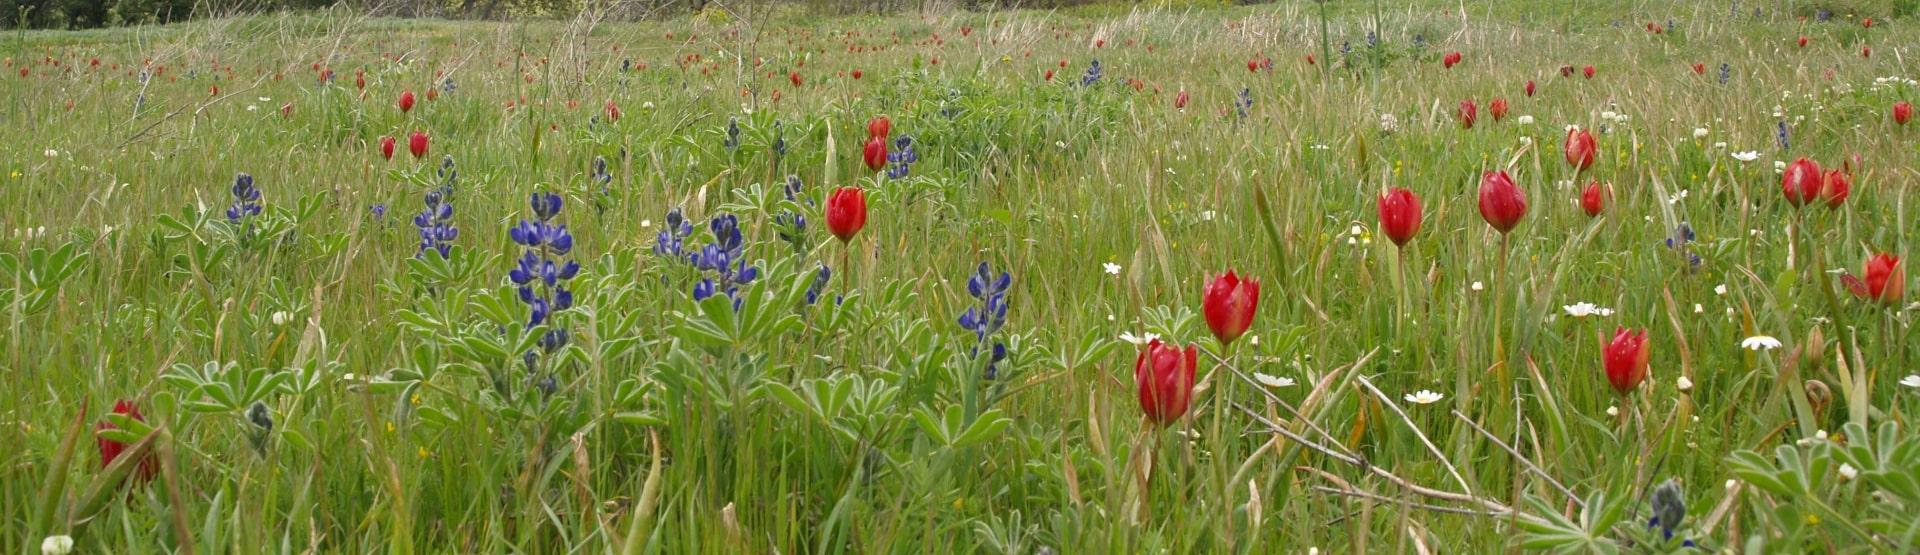 Tulipa doerfleri Gious Kampos - M. Nikolakakis